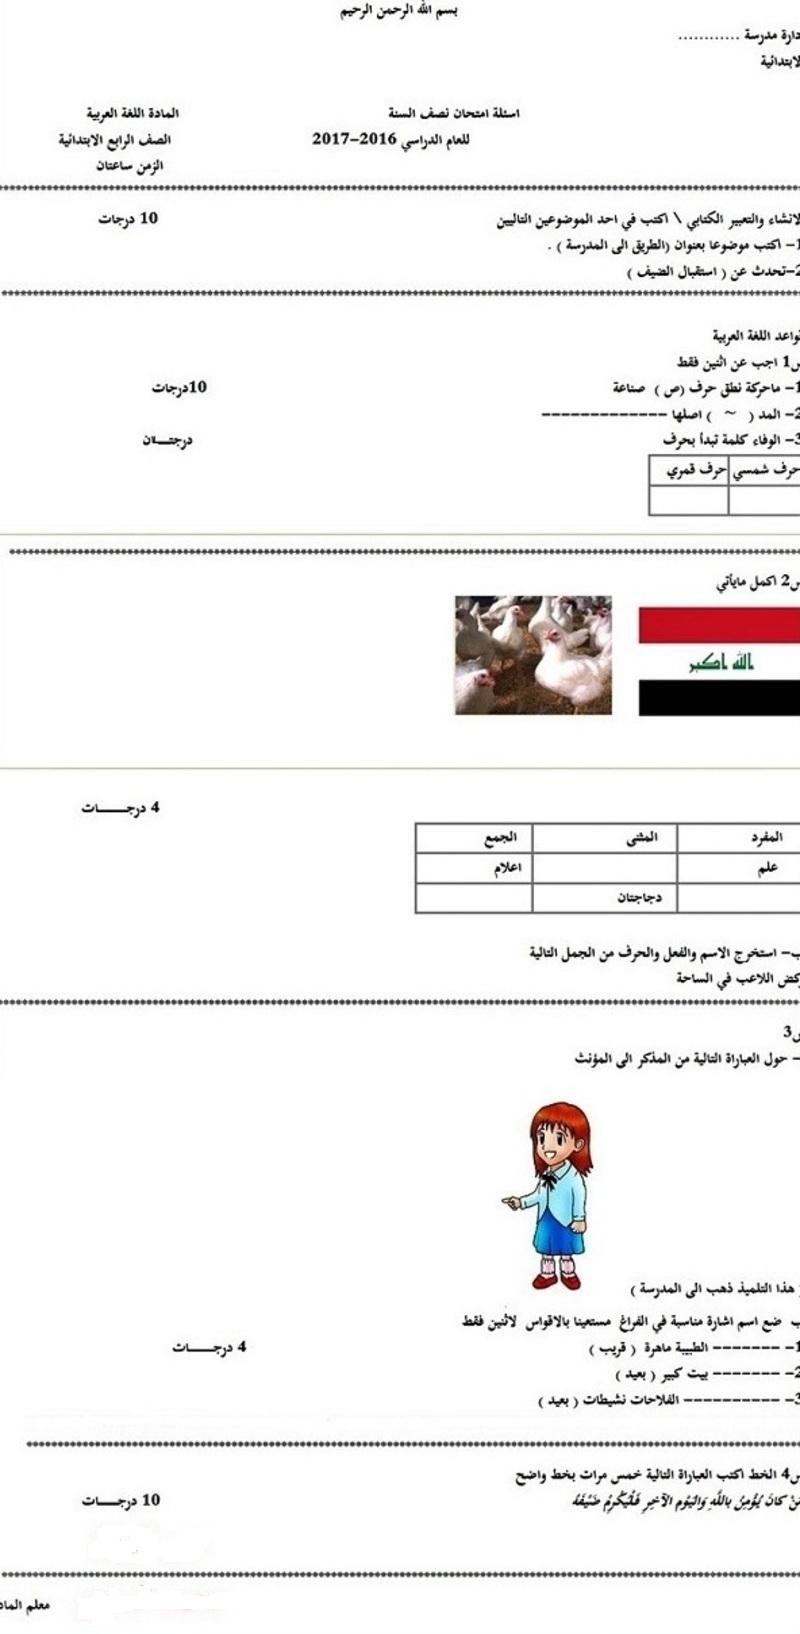 نموذج اسئلة اللغة العربية لنصف السنة الصف الرابع الابتدائي 2018/2017 1117